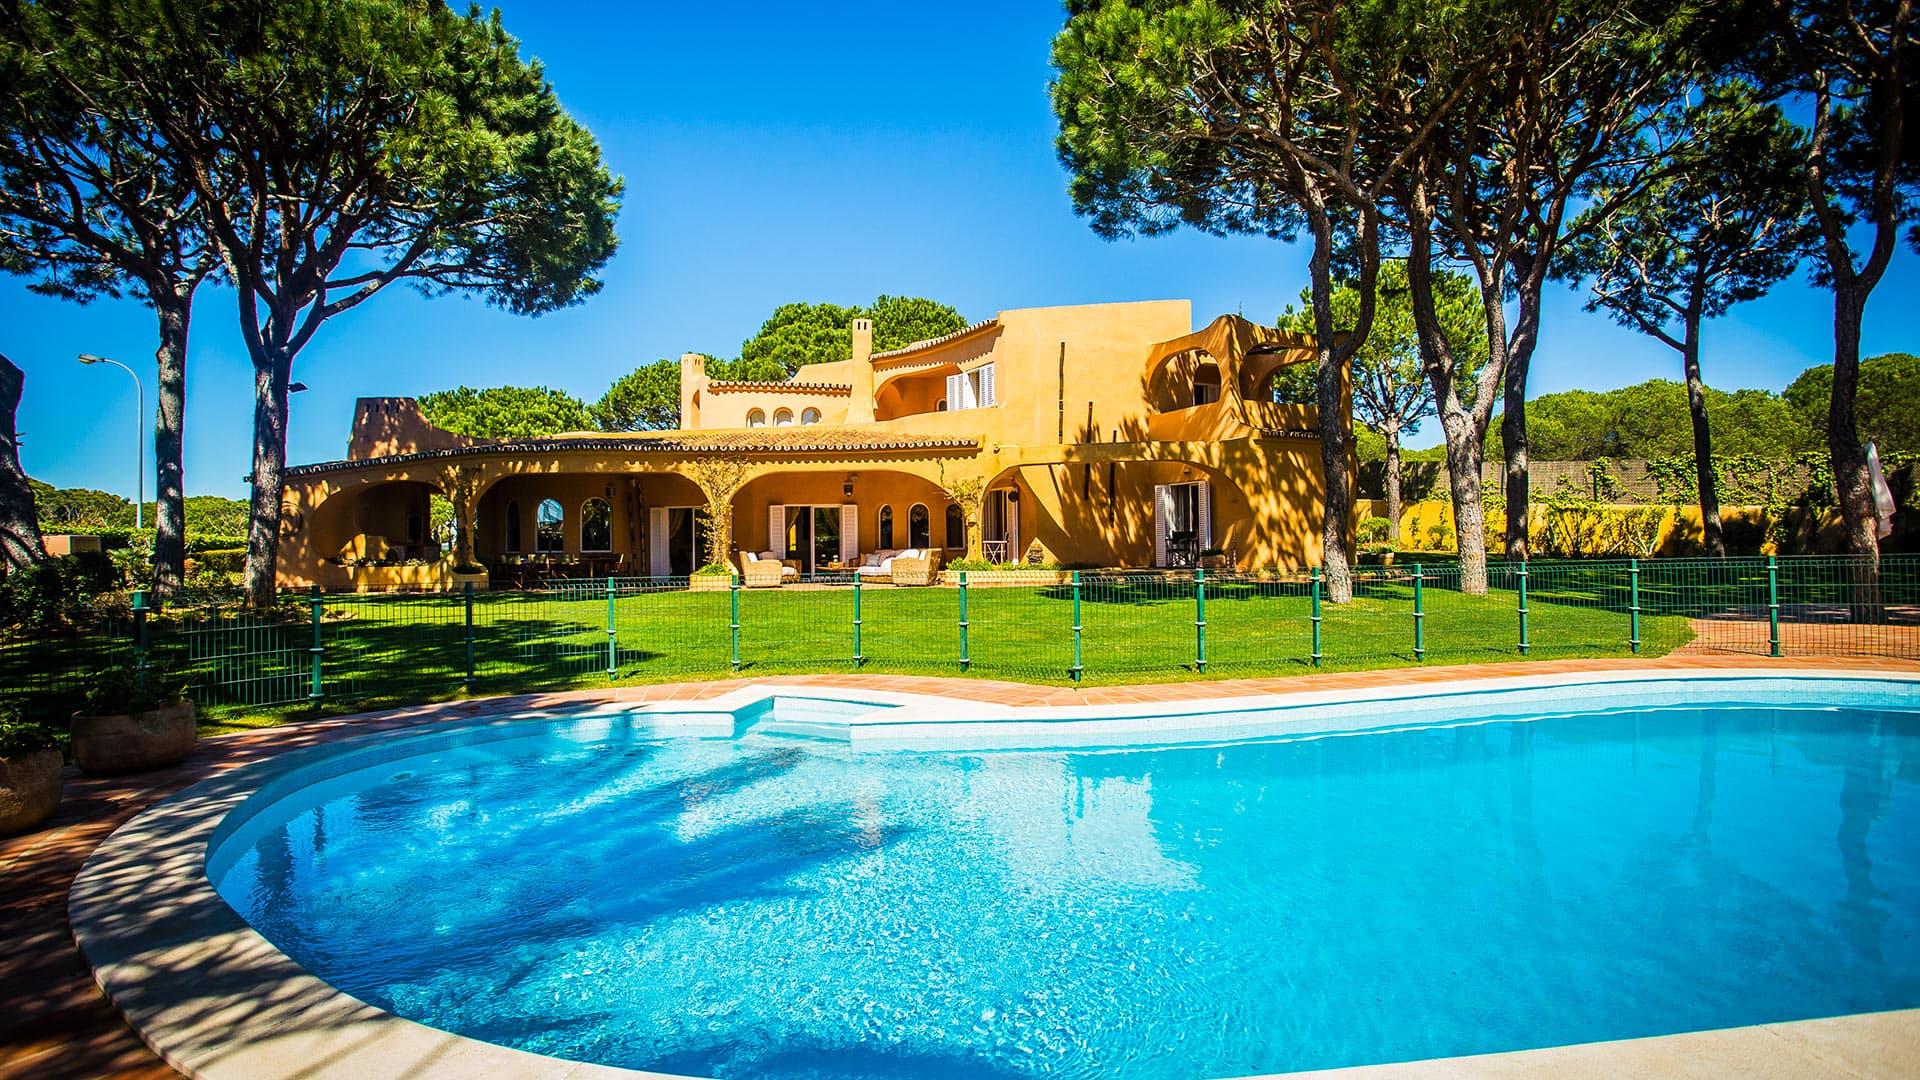 Location De Villa De Luxe Au Portugal | Villanovo à Location Maison Portugal Piscine